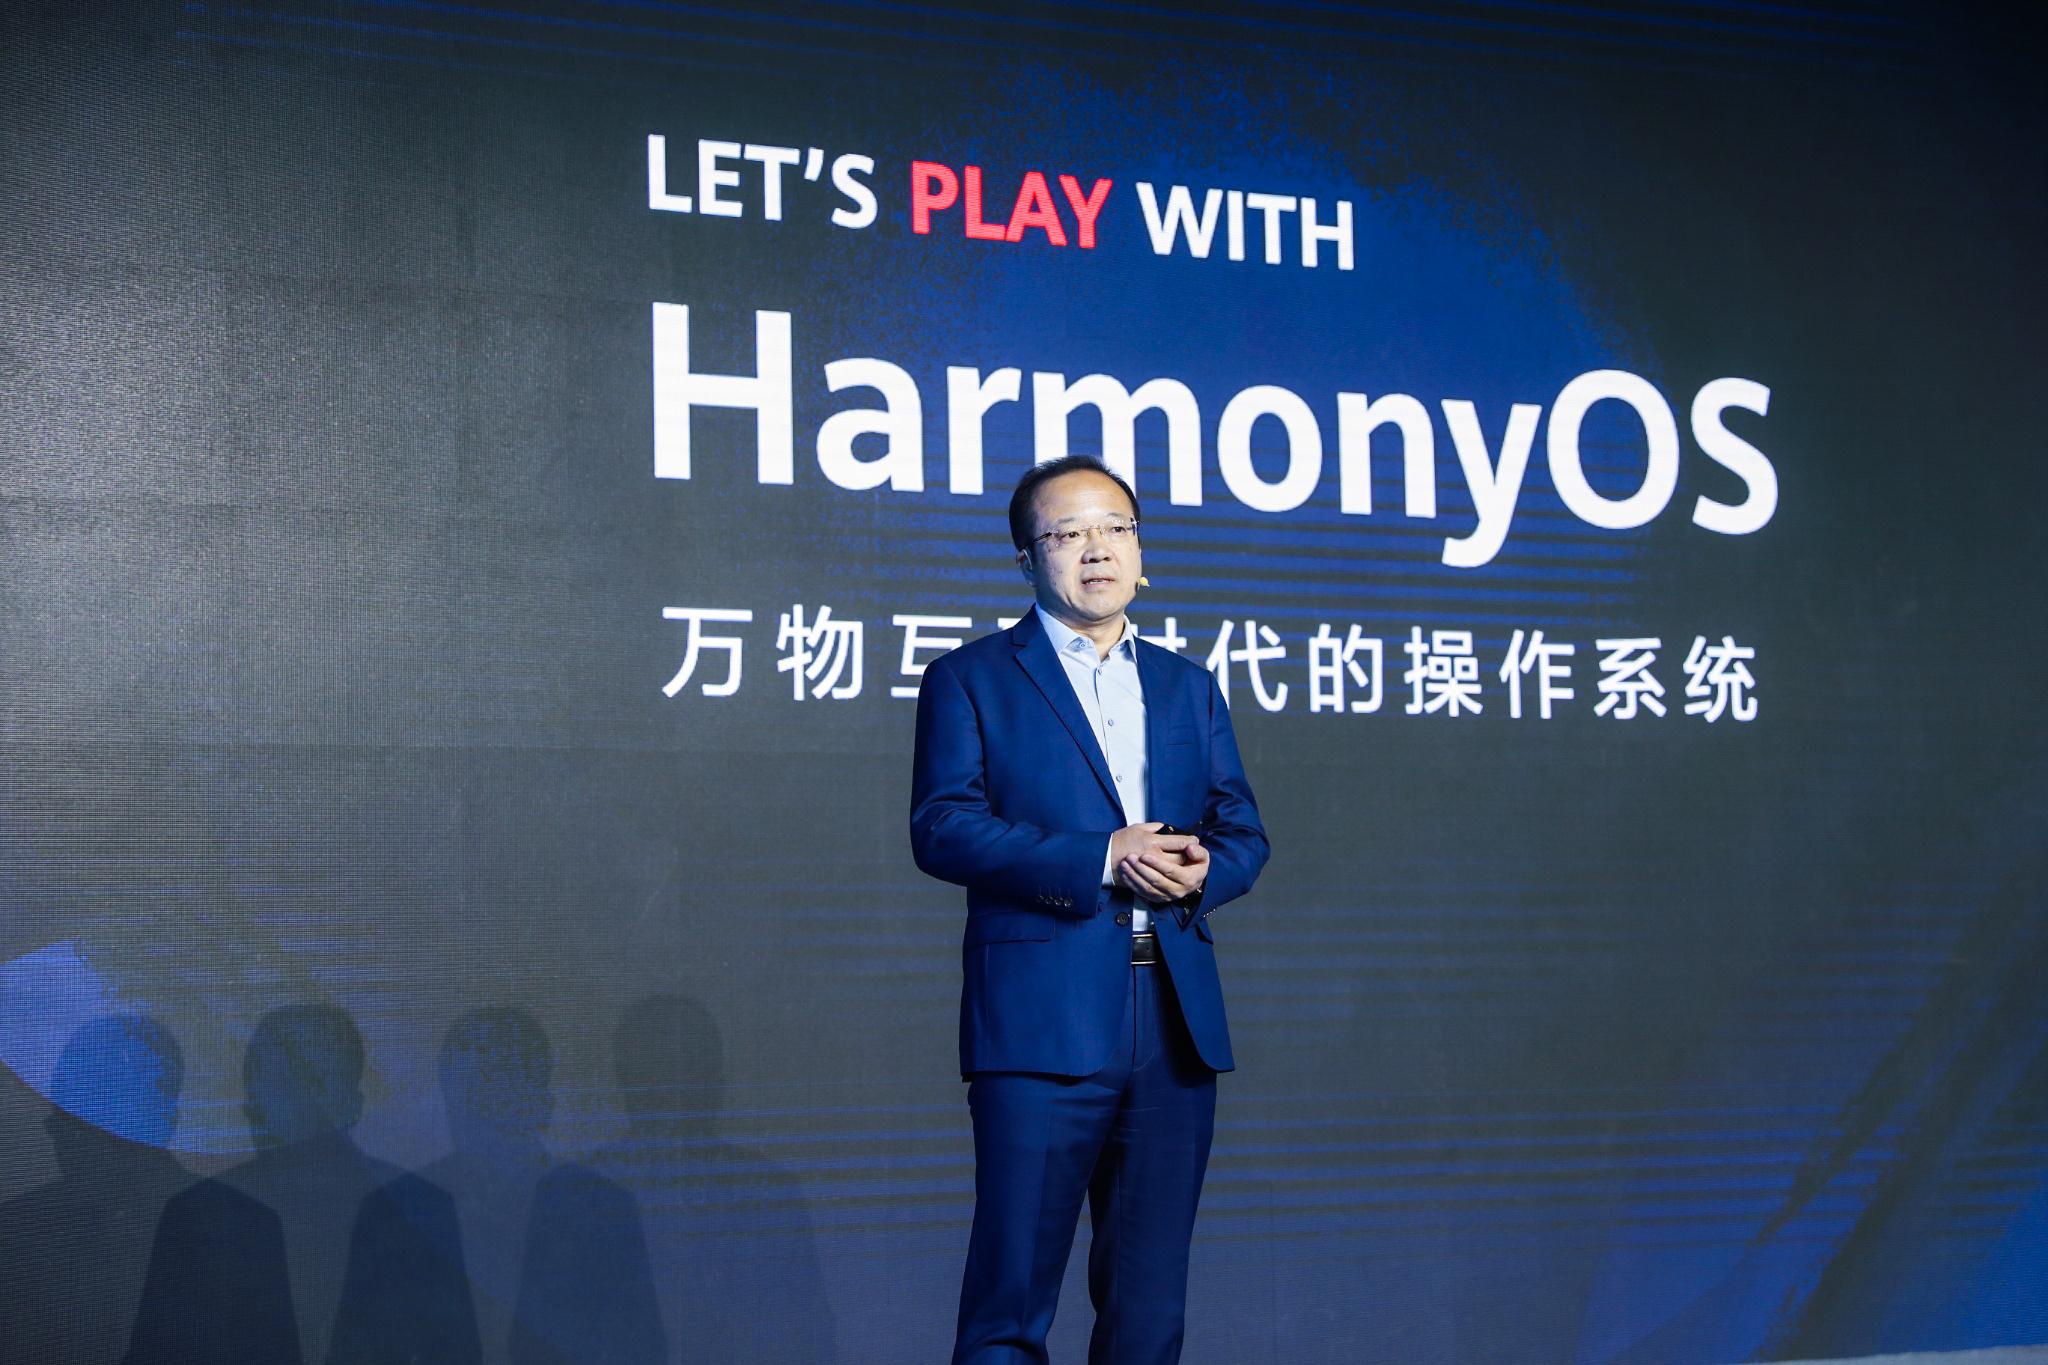 Huawein kuluttajaliiketoimintayksikön ohjelmistoista vastaava johtaja Wang Chenglu esitteli HarmonyOS 2.0:n mobiilitestiversion joulukuussa 2020.